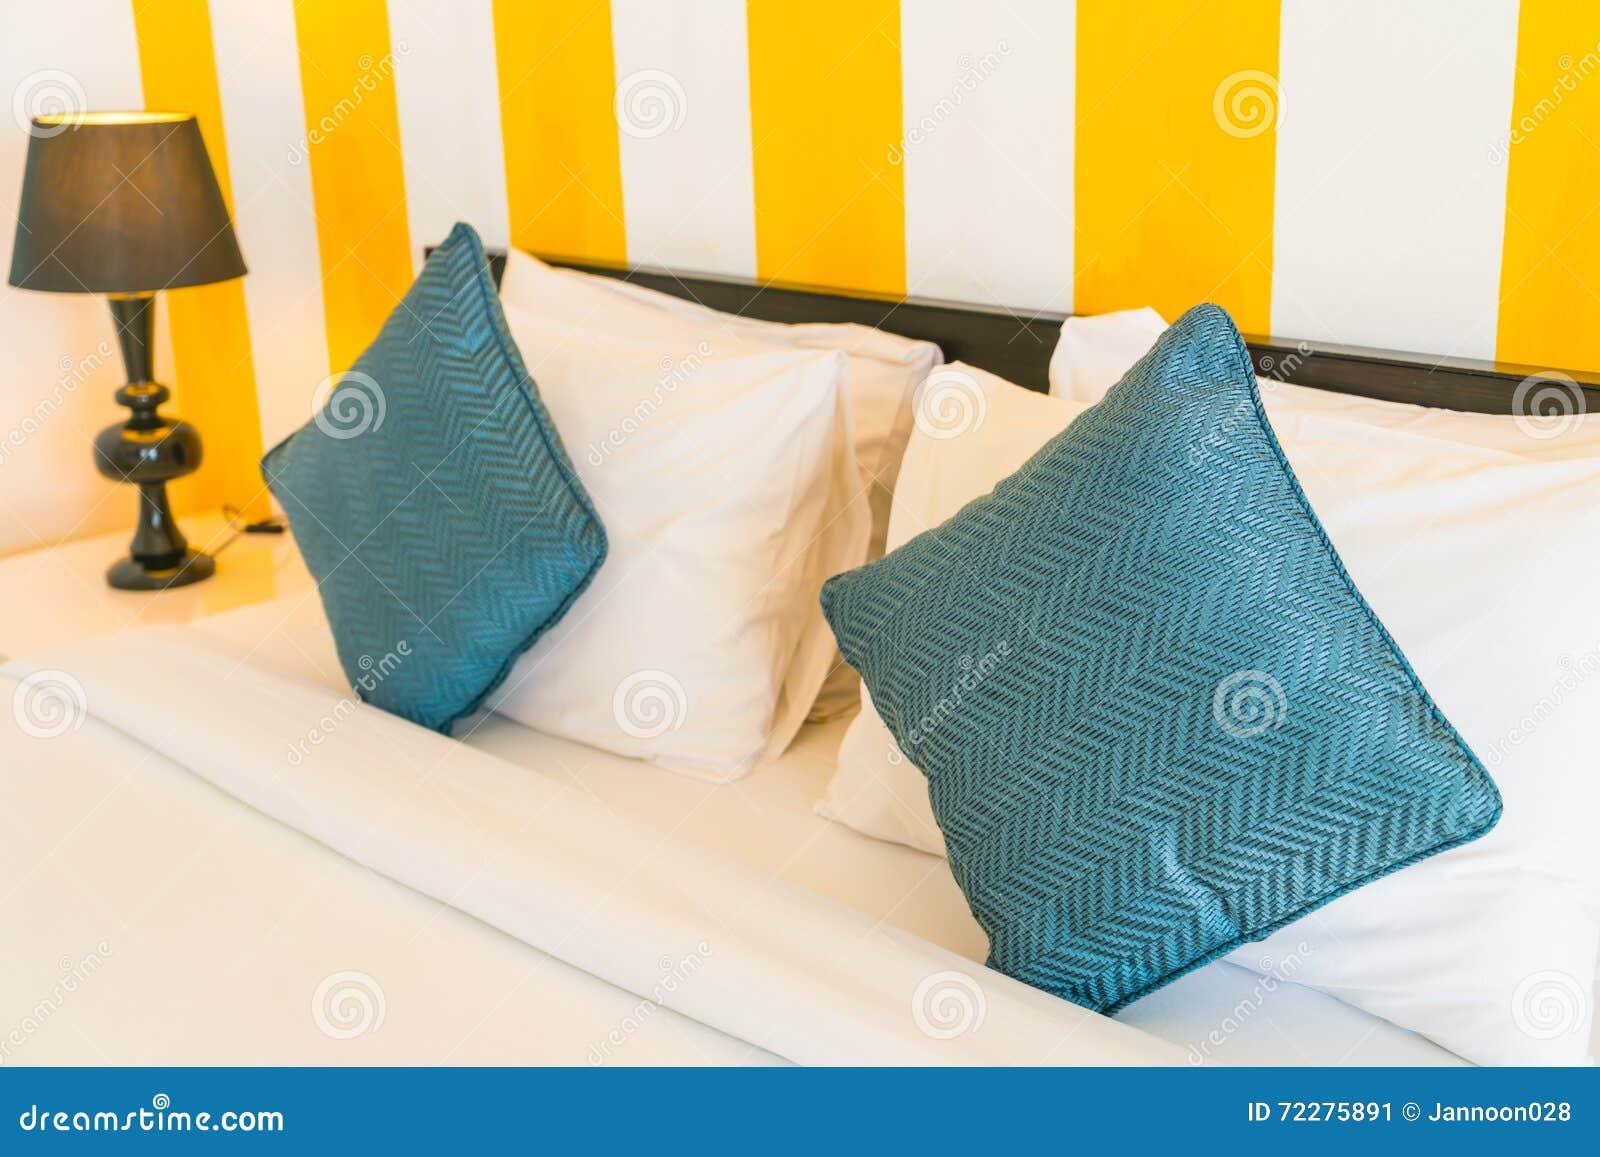 Download Удобные подушки и кровать стоковое изображение. изображение насчитывающей роскошь - 72275891